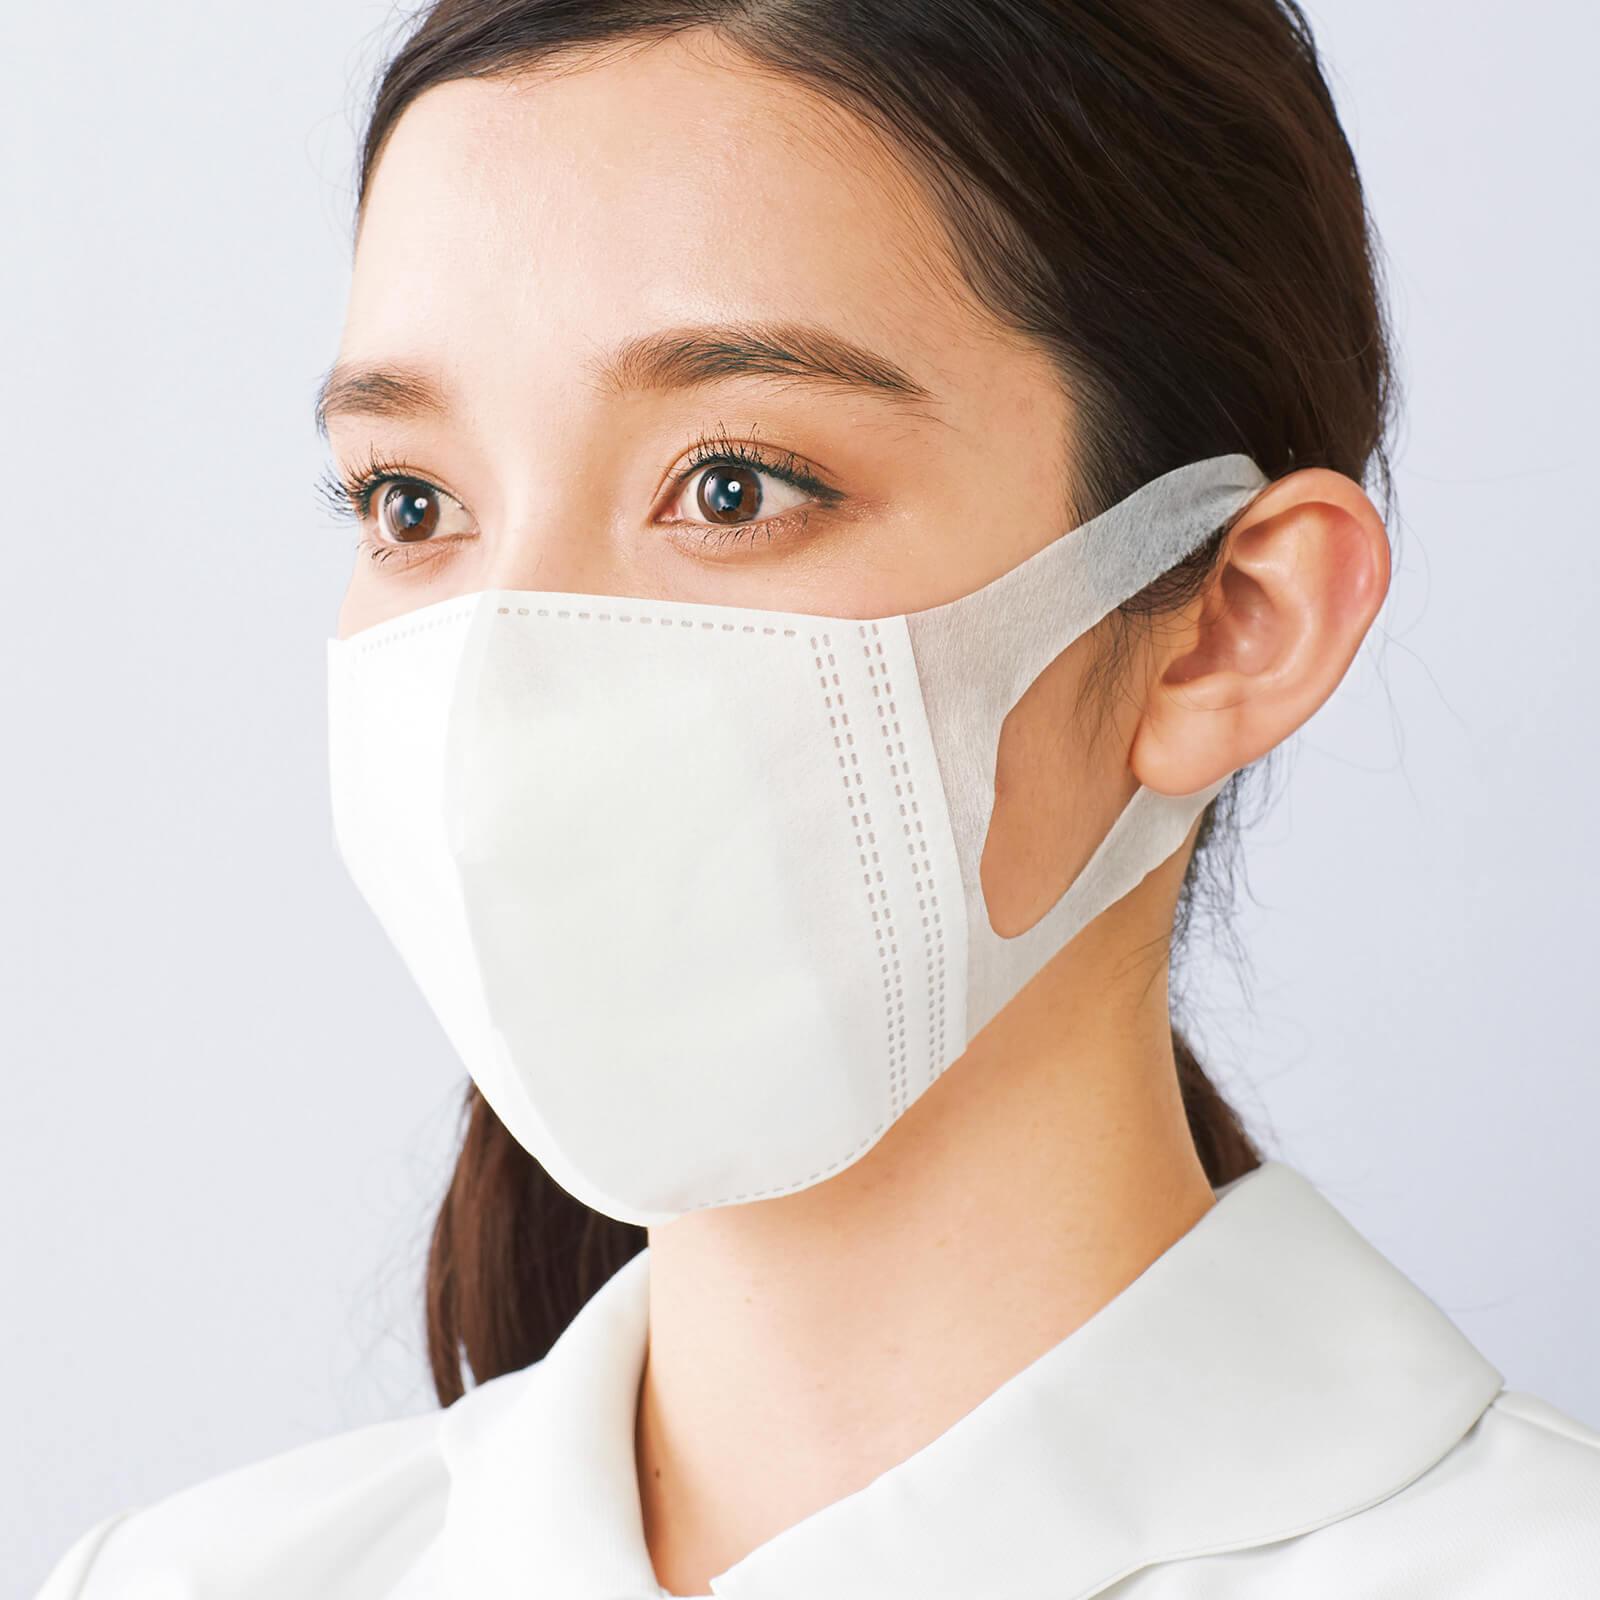 マスク 在庫 立体 あり 超